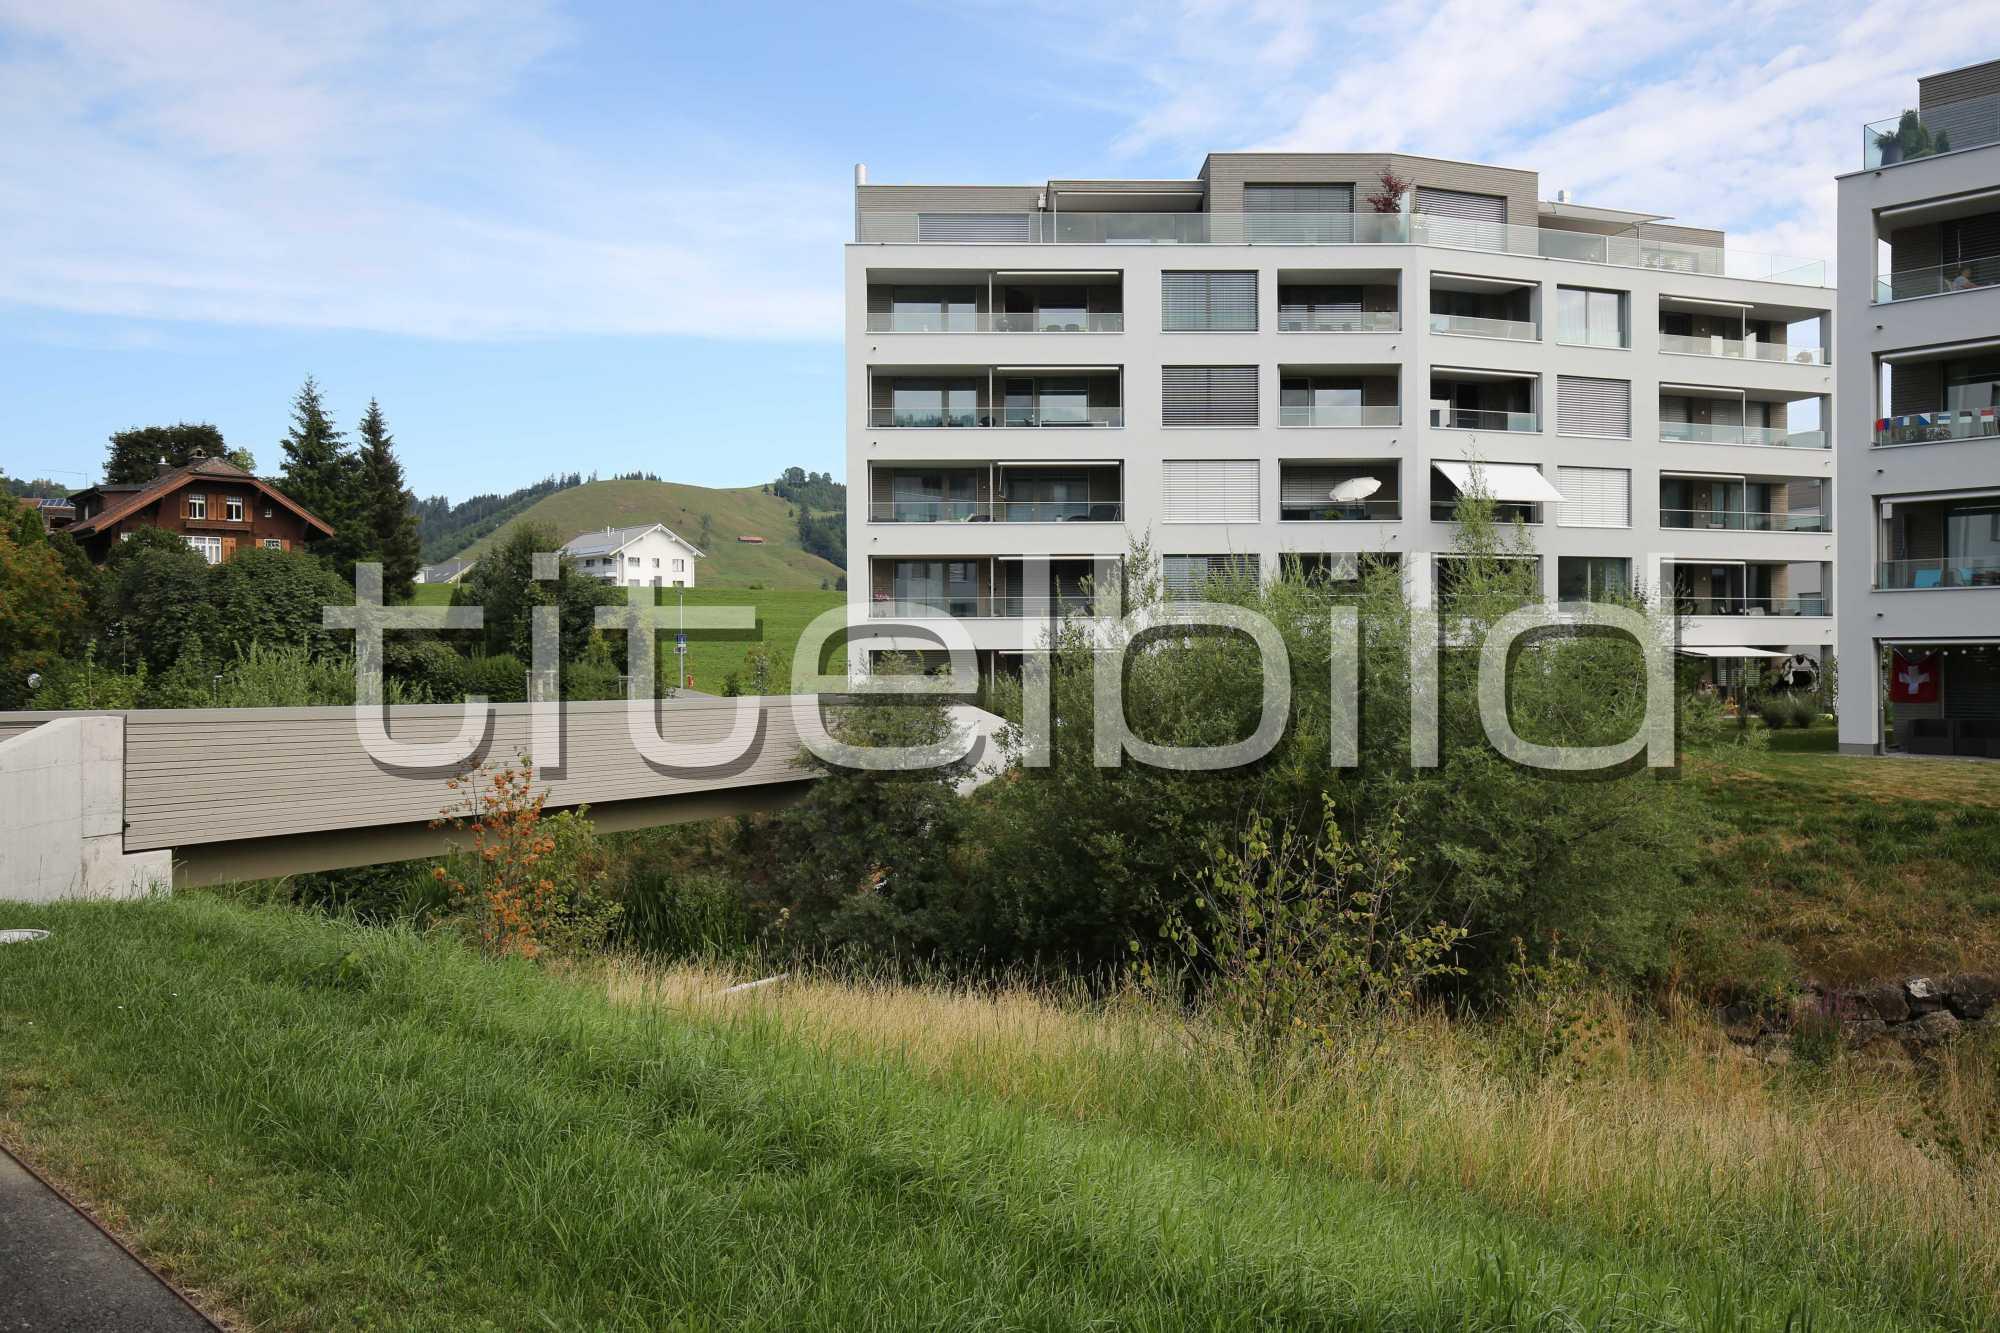 Projektbild-Nr. 8: Überbauung Obere Allmeind, 8840 Einsiedeln